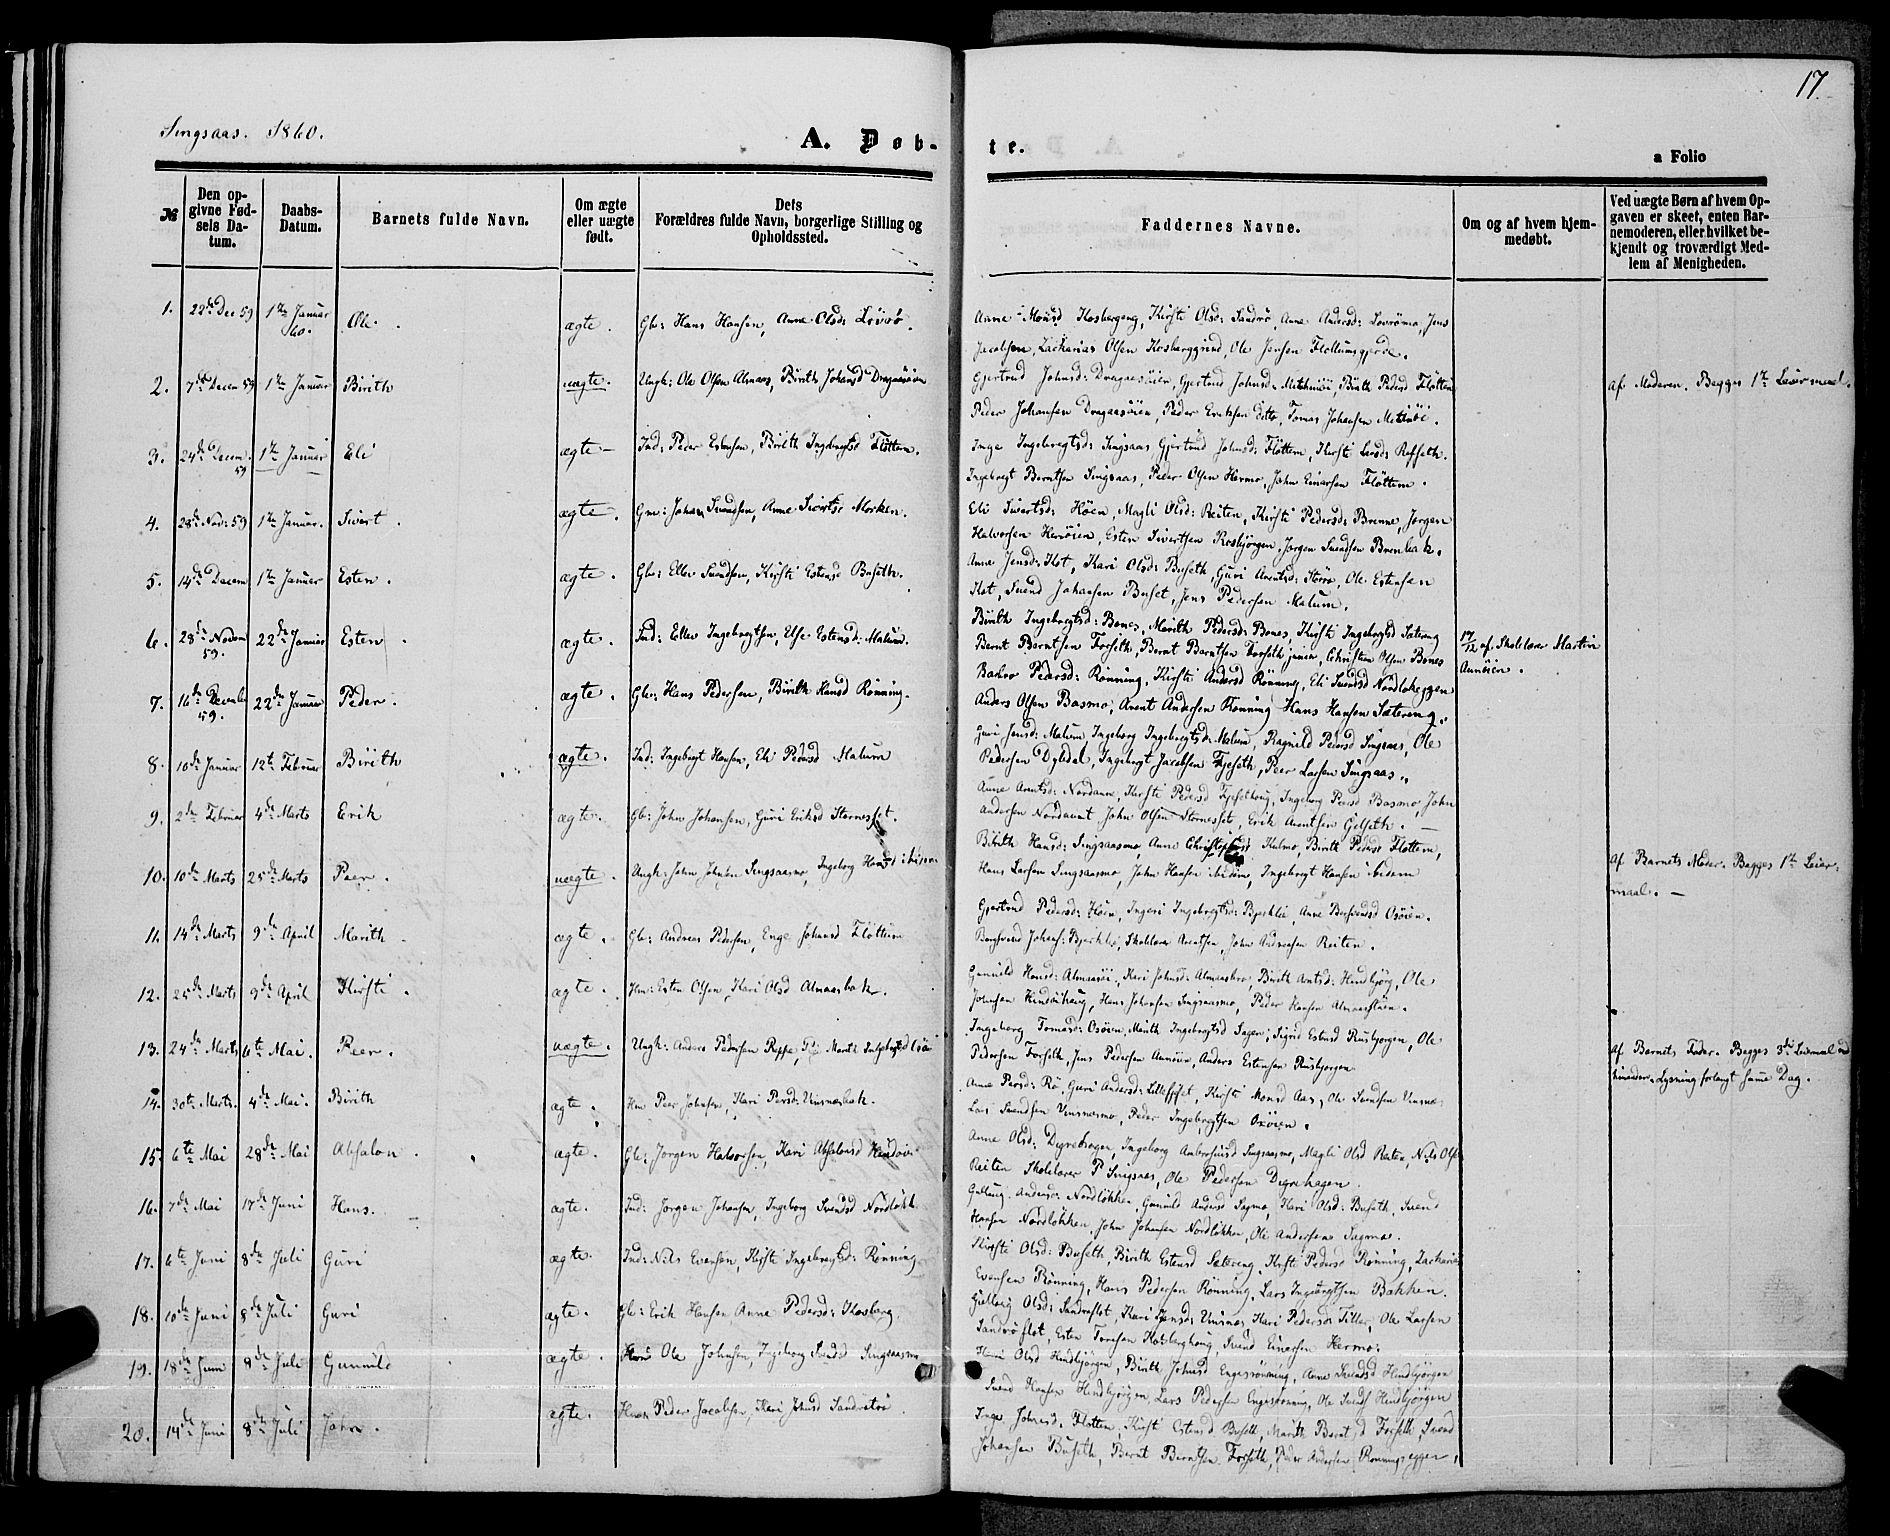 SAT, Ministerialprotokoller, klokkerbøker og fødselsregistre - Sør-Trøndelag, 685/L0967: Ministerialbok nr. 685A07 /2, 1860-1869, s. 17